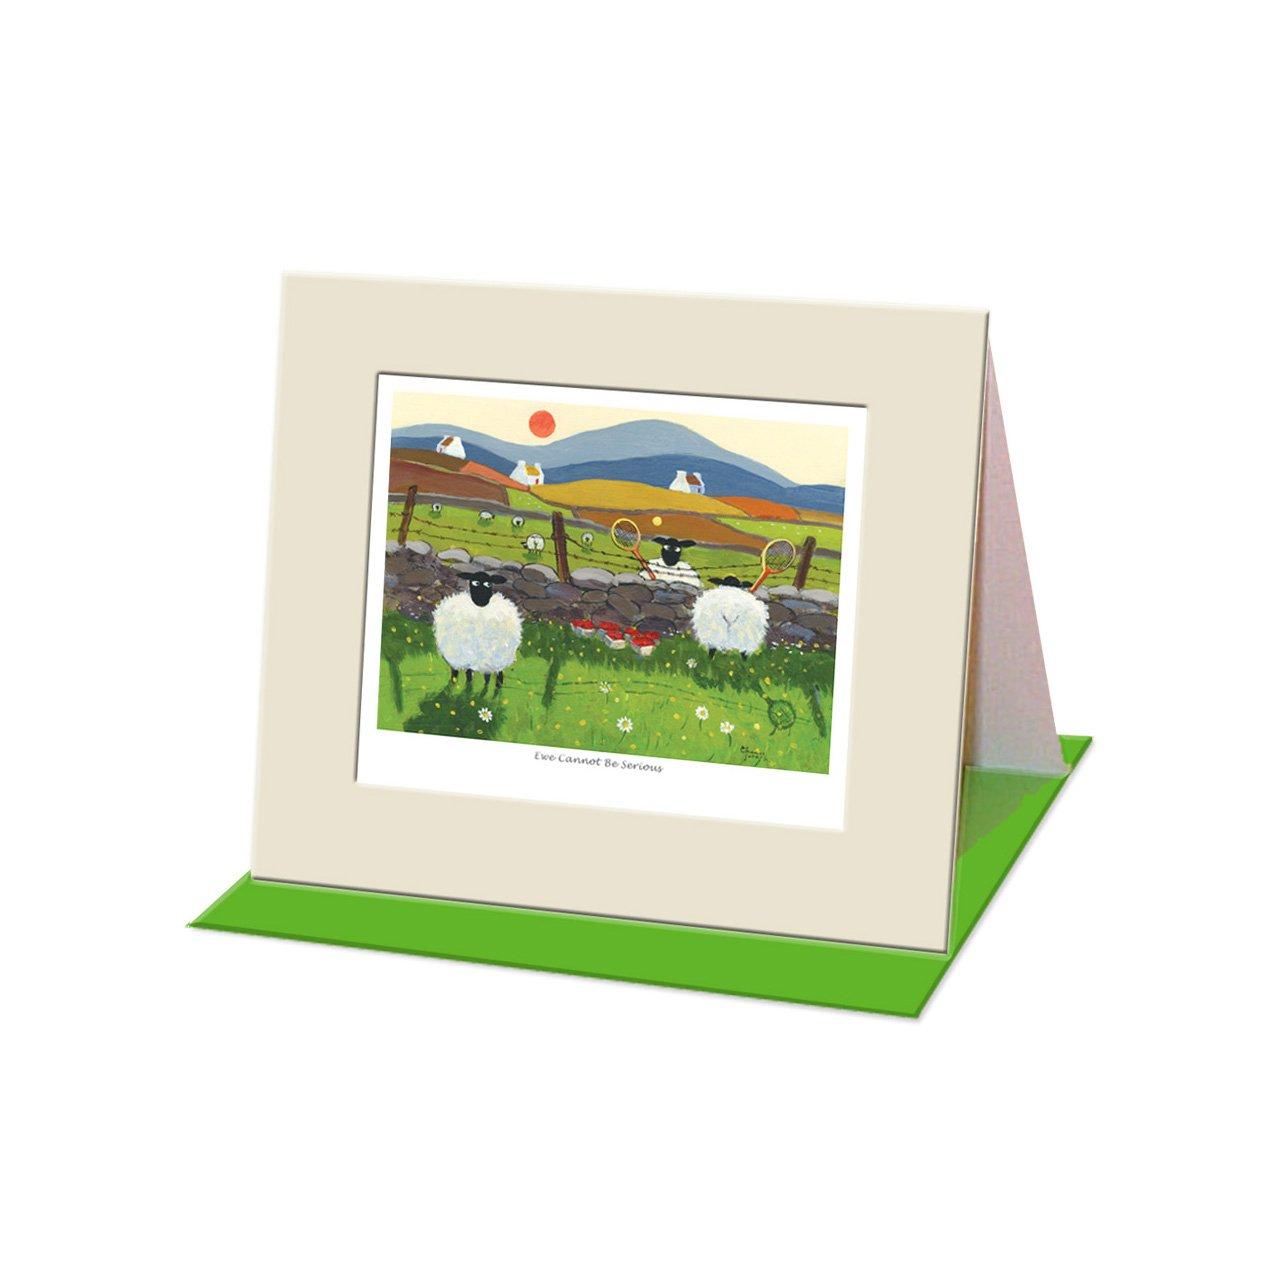 """""""Ewe Cannot Be Serious"""" Mounted Greeting Card by Thomas Joseph - Friendship Sheep Range Morrigan Ltd"""